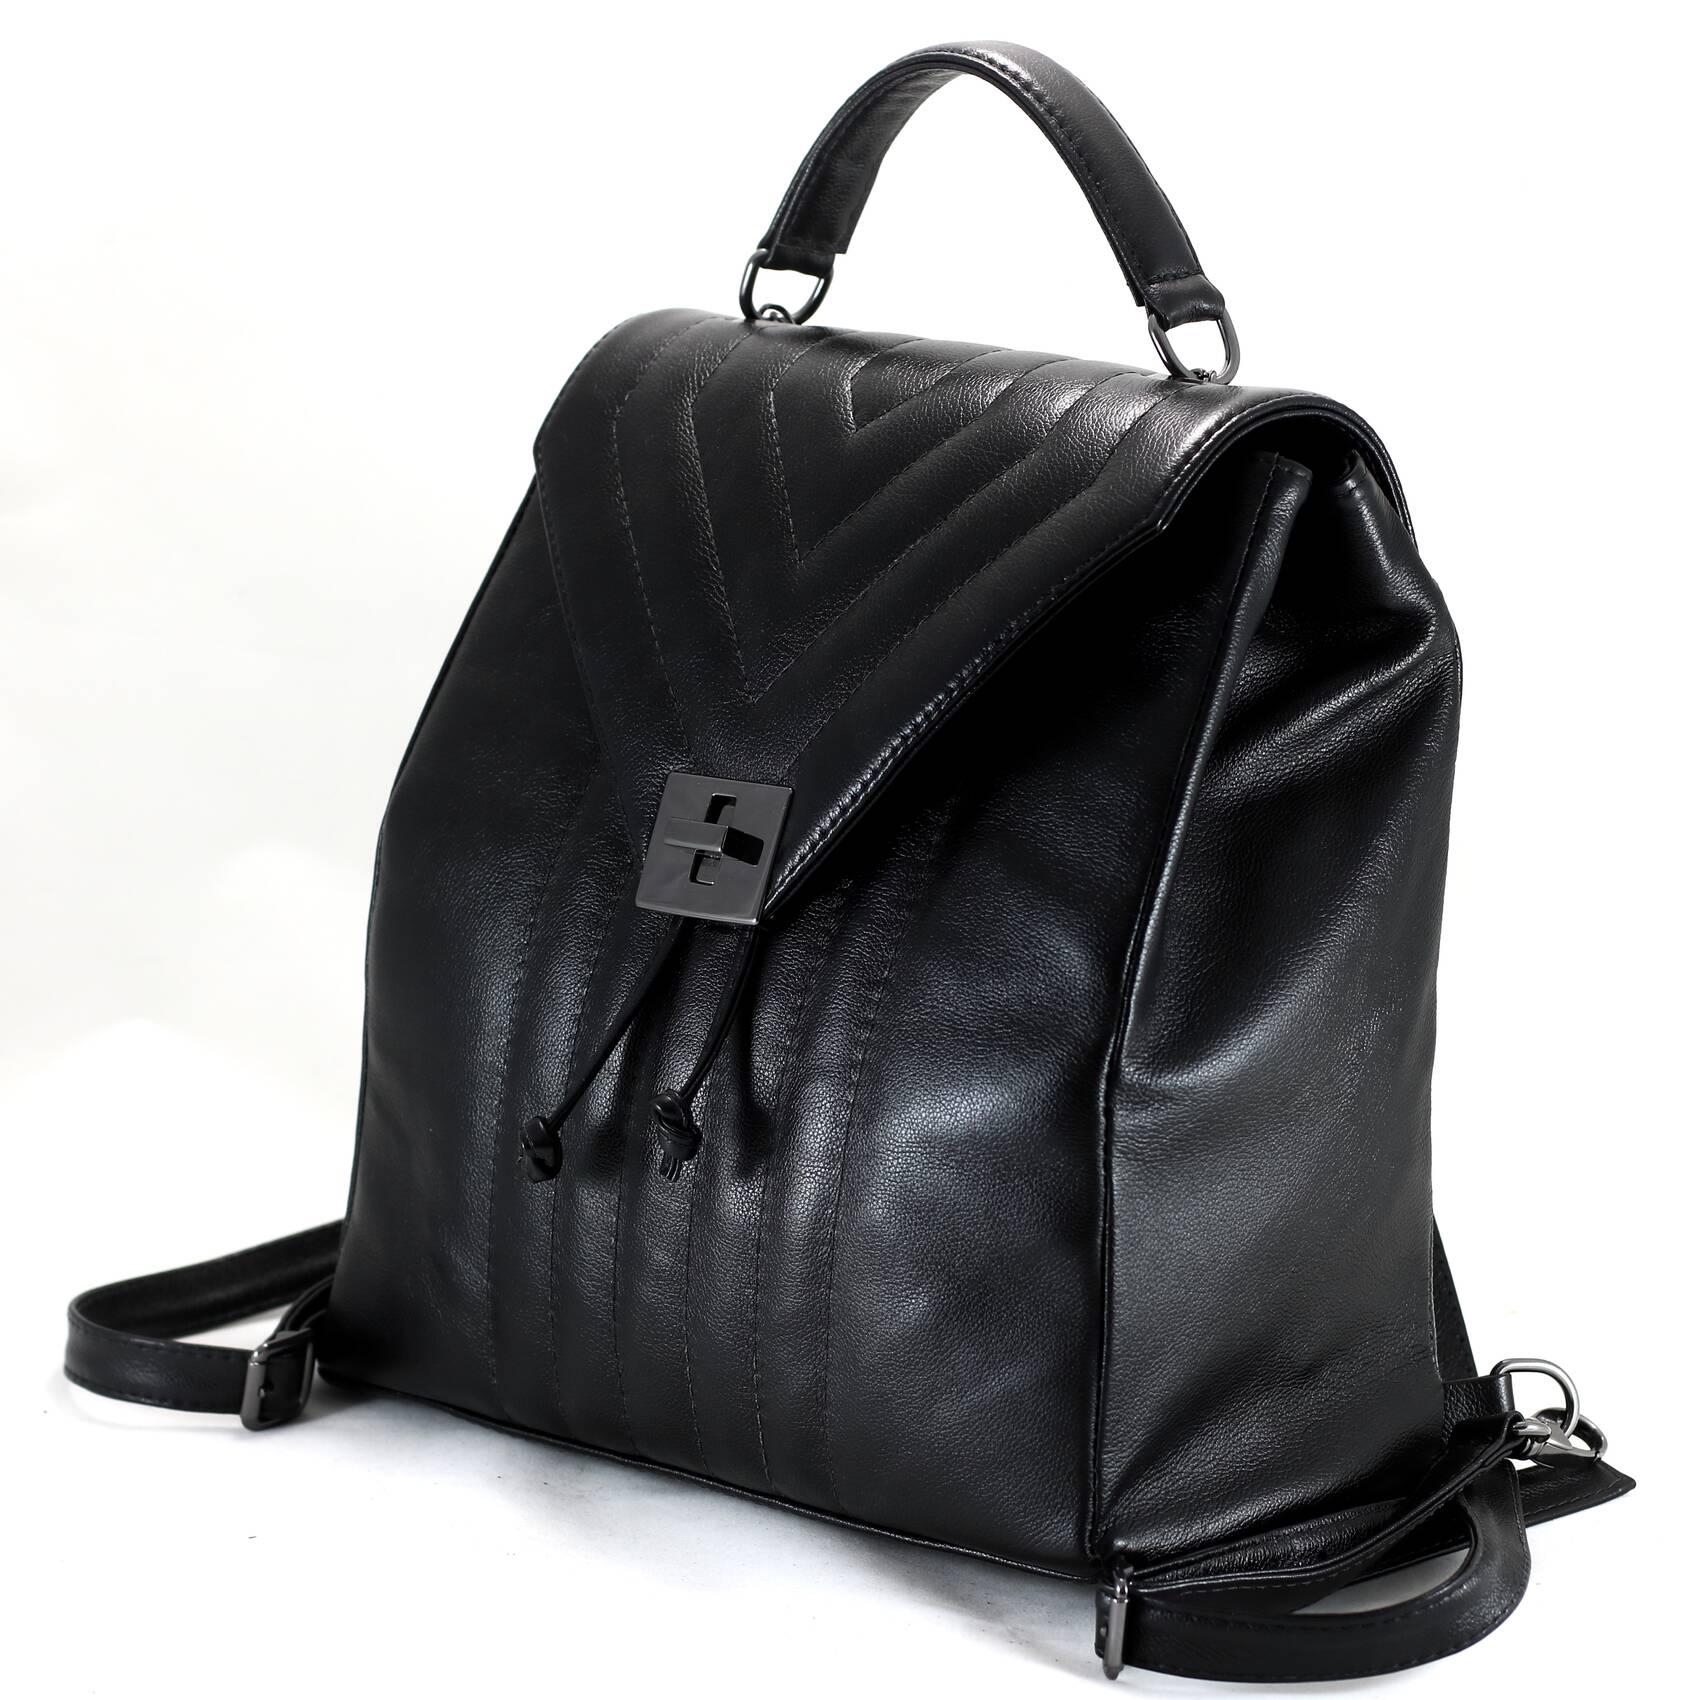 MOCHILA ROMA Bolsa mochila em couro legitimo preto